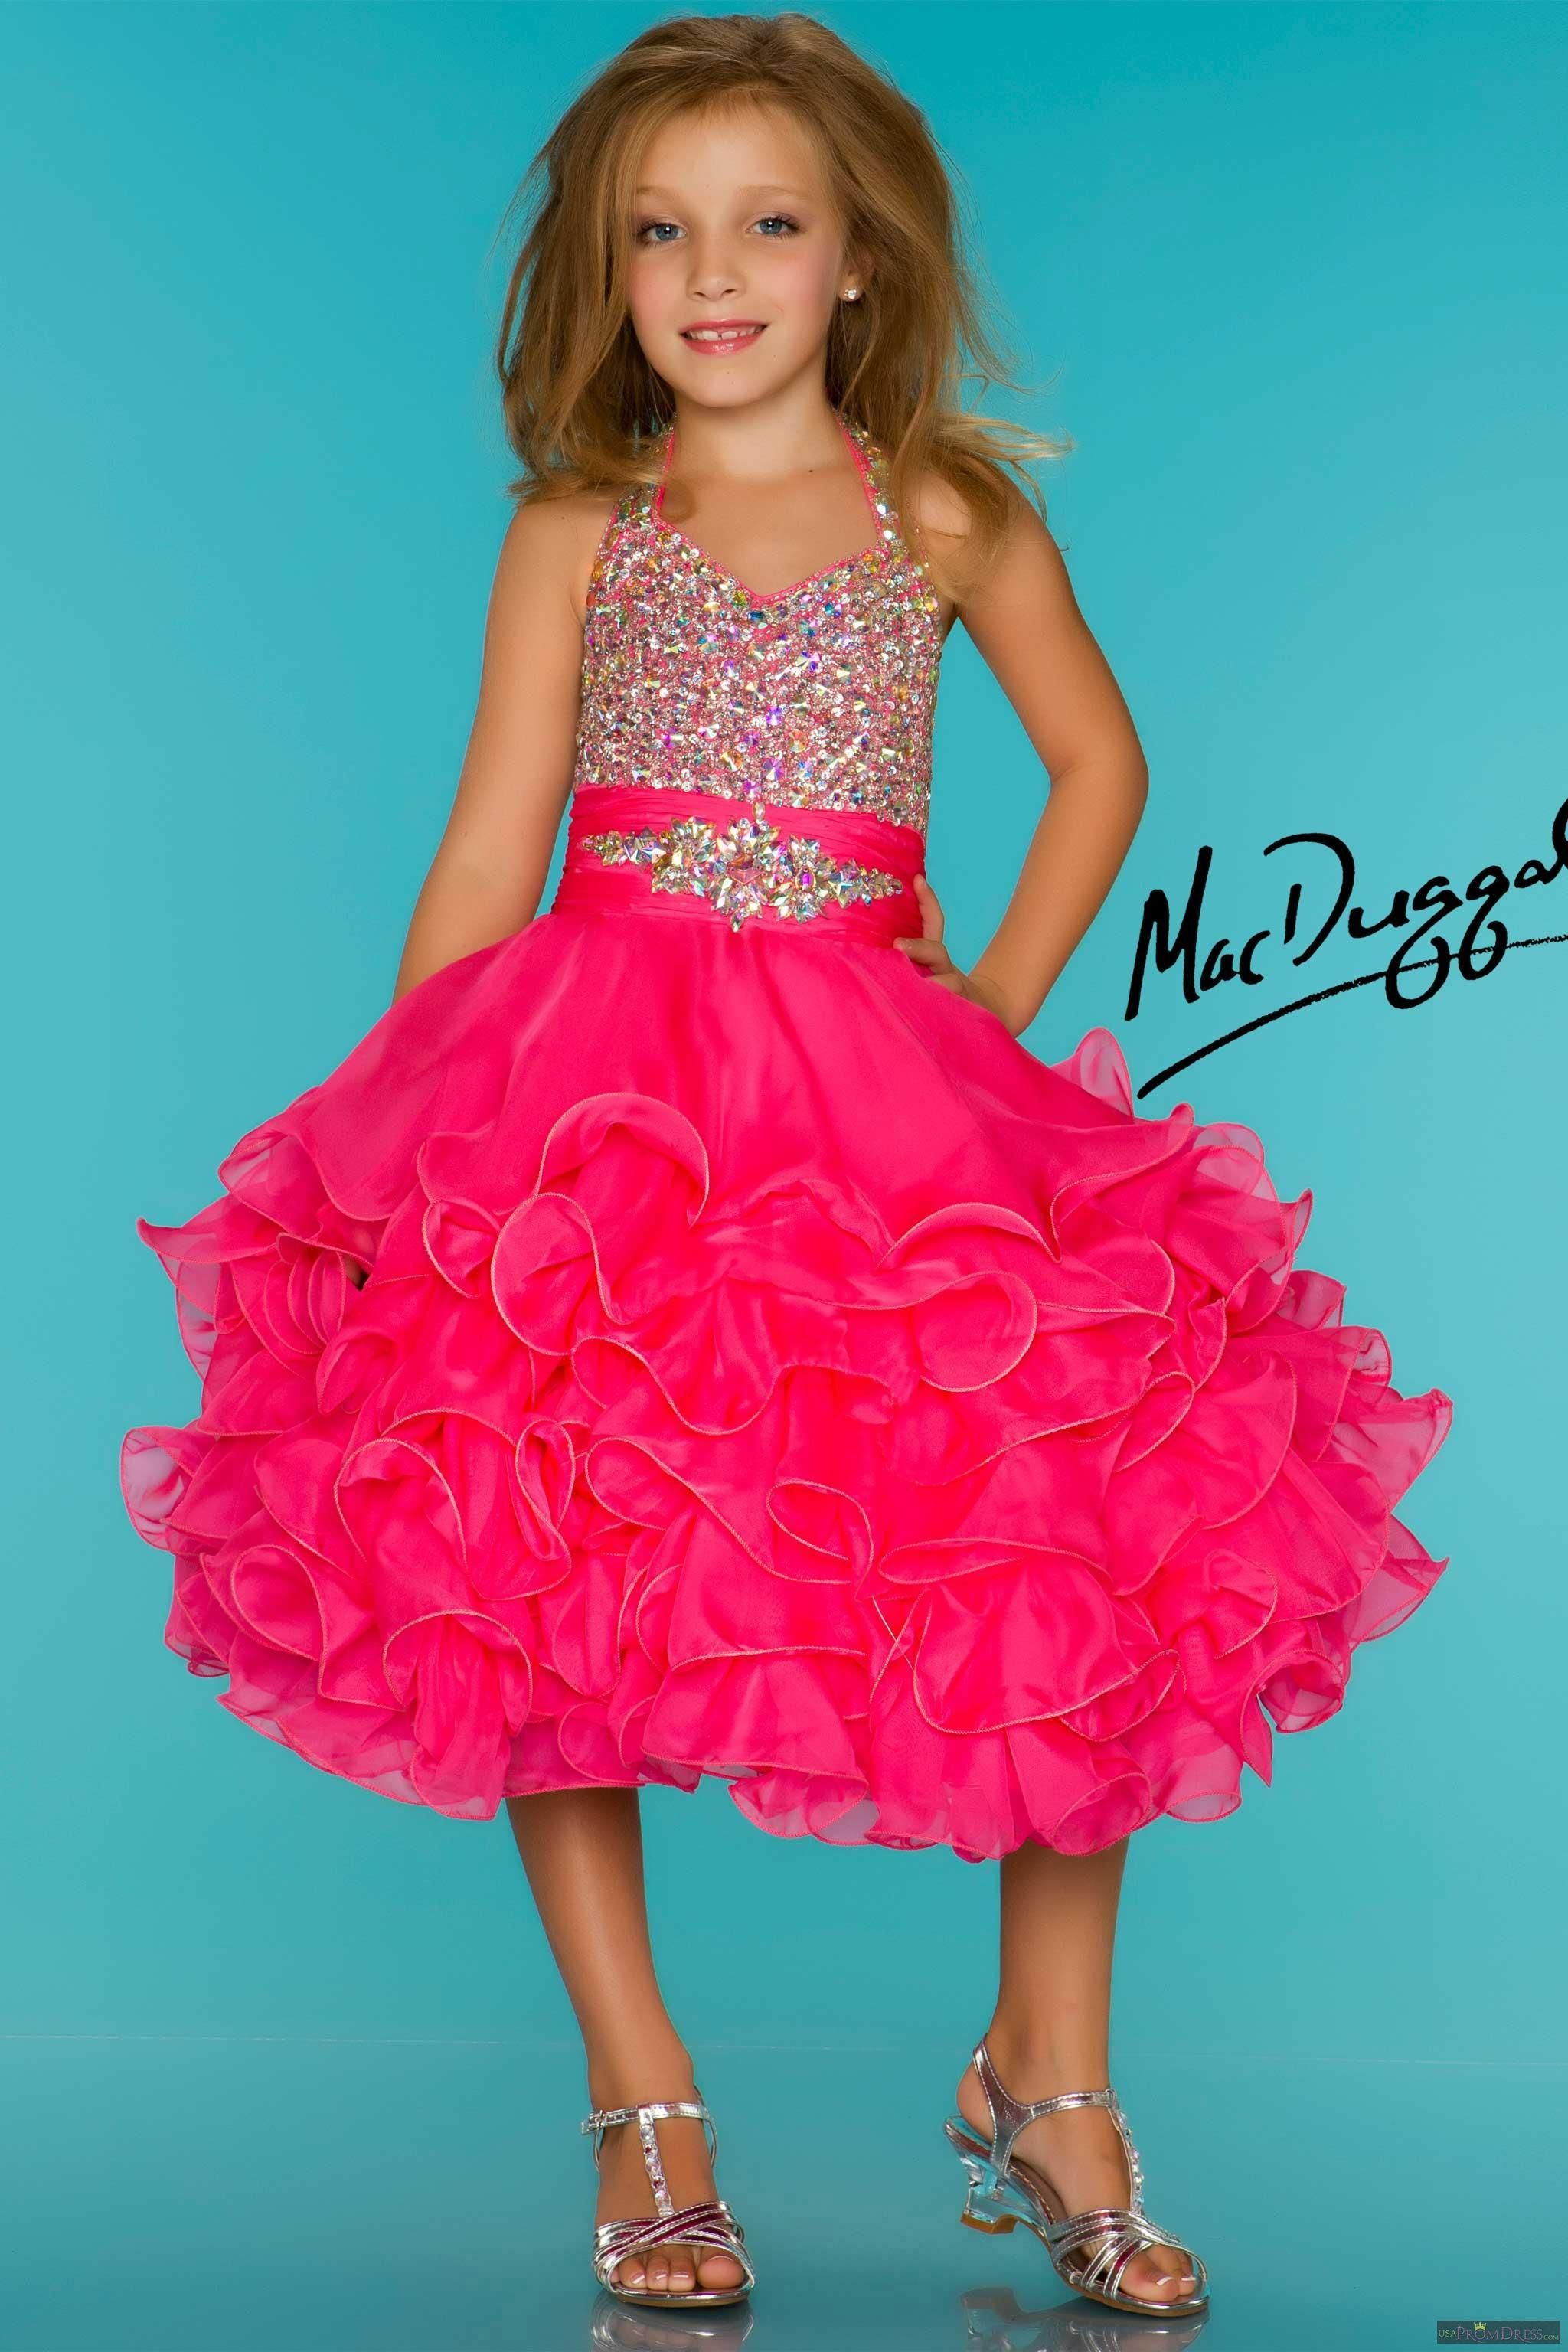 a0578b9a1 Mac Duggal Dress 76326S Color  Aqua